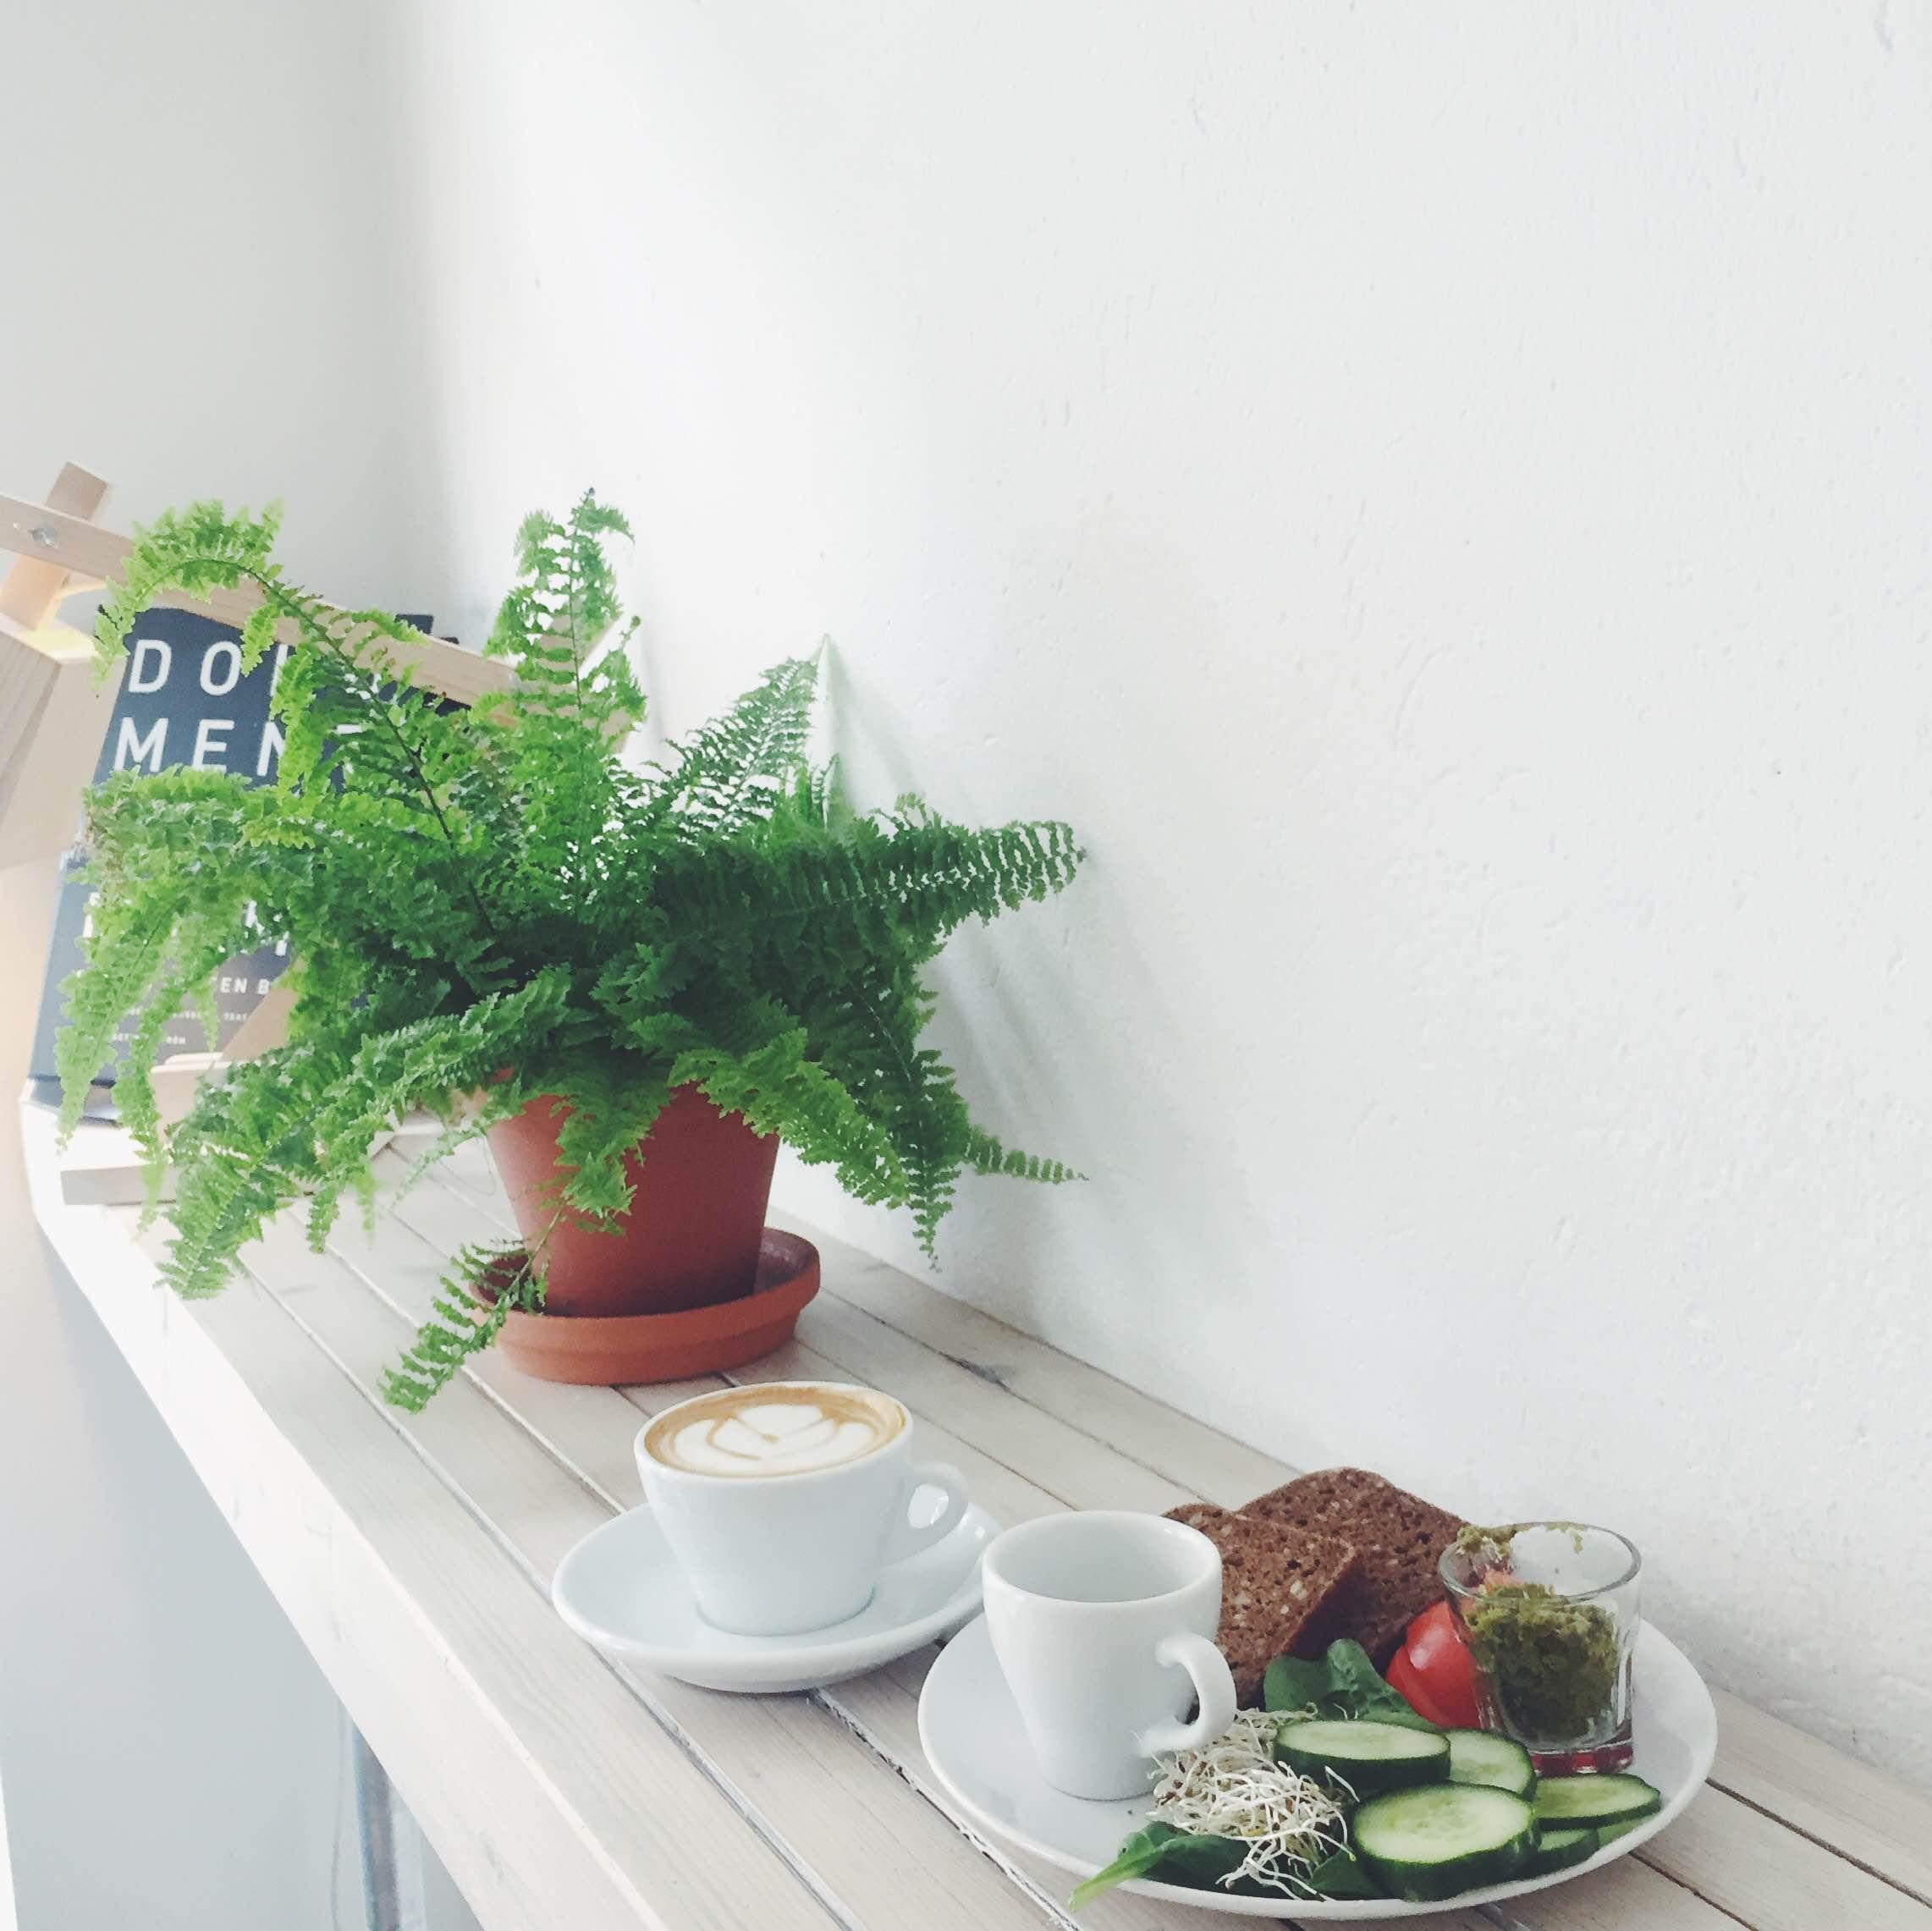 Morgenmad hos Djäkne i Malmø. Rugbrød med agurk og tomat og pesto. Smukke æstetiske omgivelser med planter